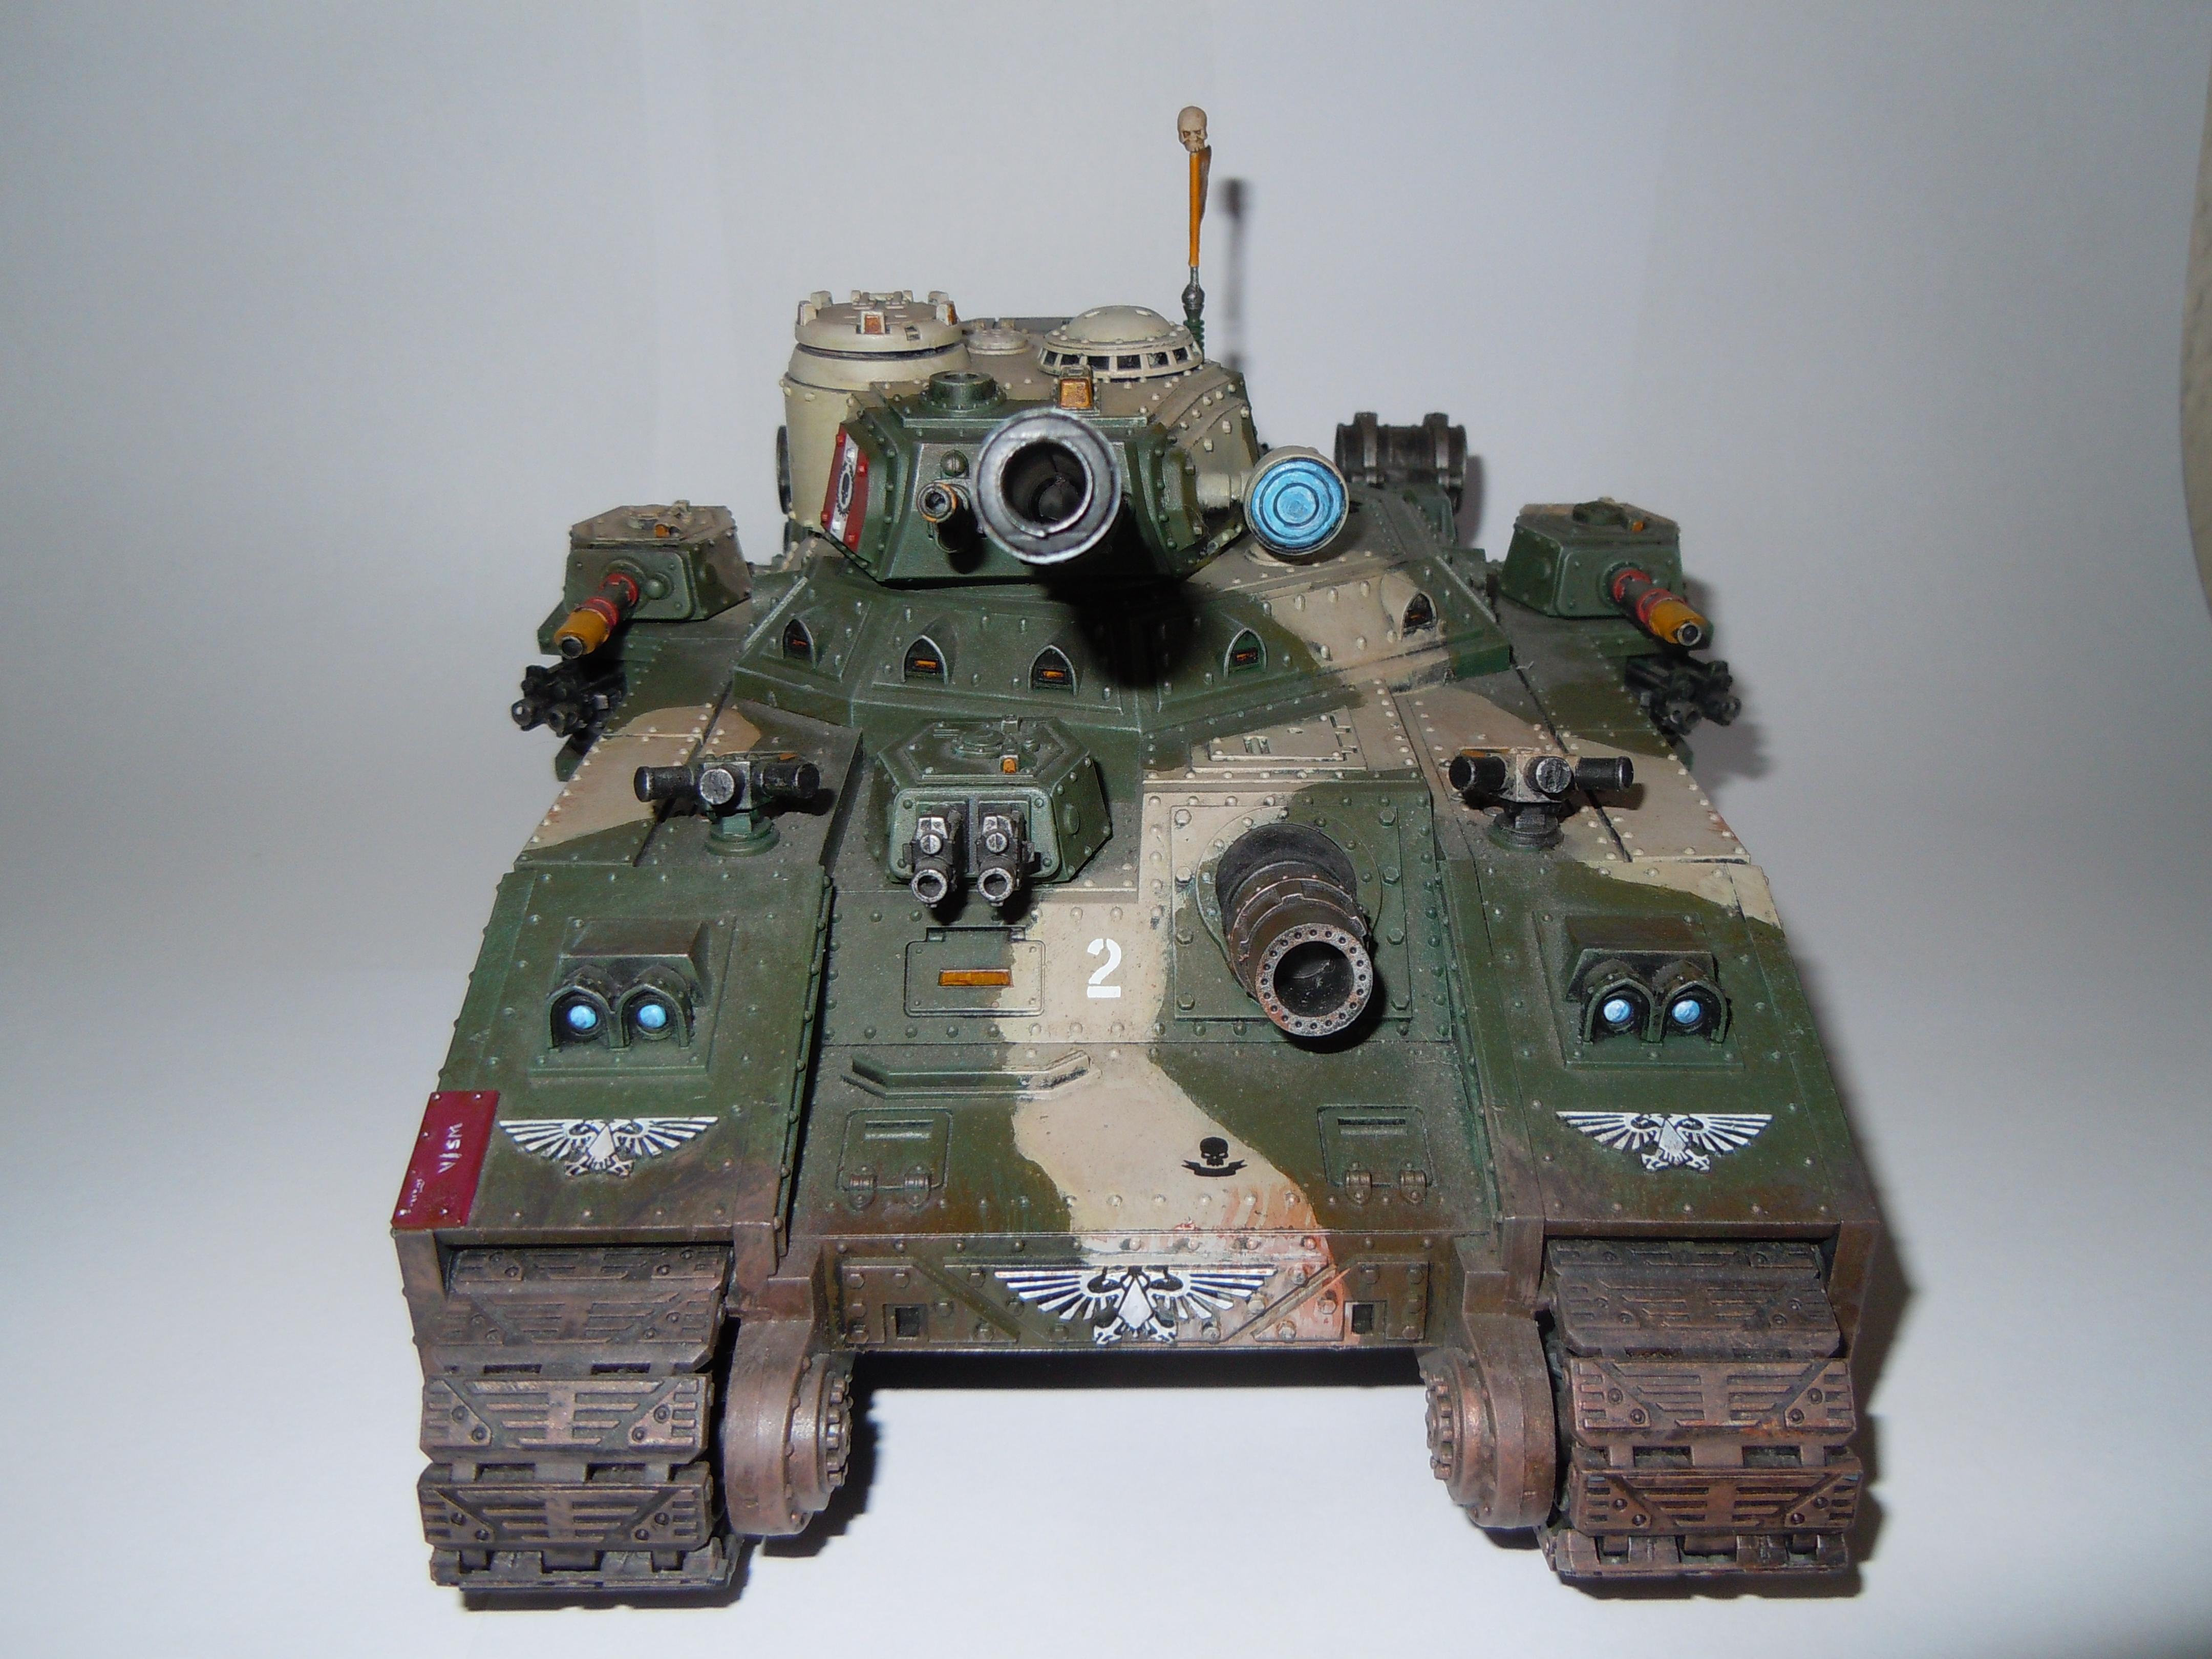 Baneblade, Imperial Guard, Super-heavy